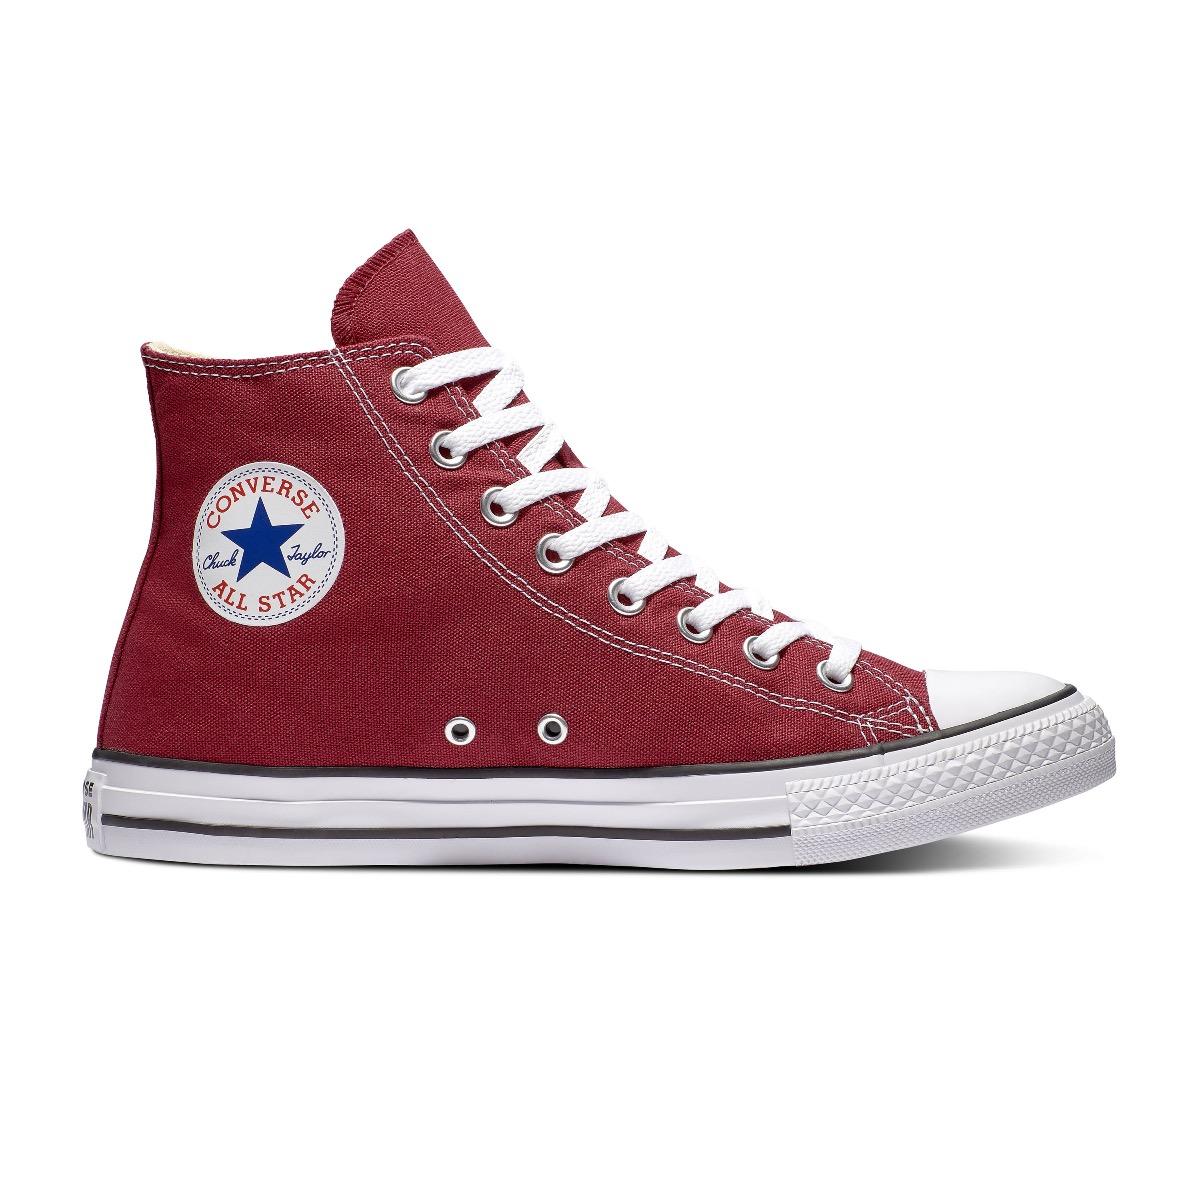 Converse All Stars Hoog Bordeaux Rood maat 41